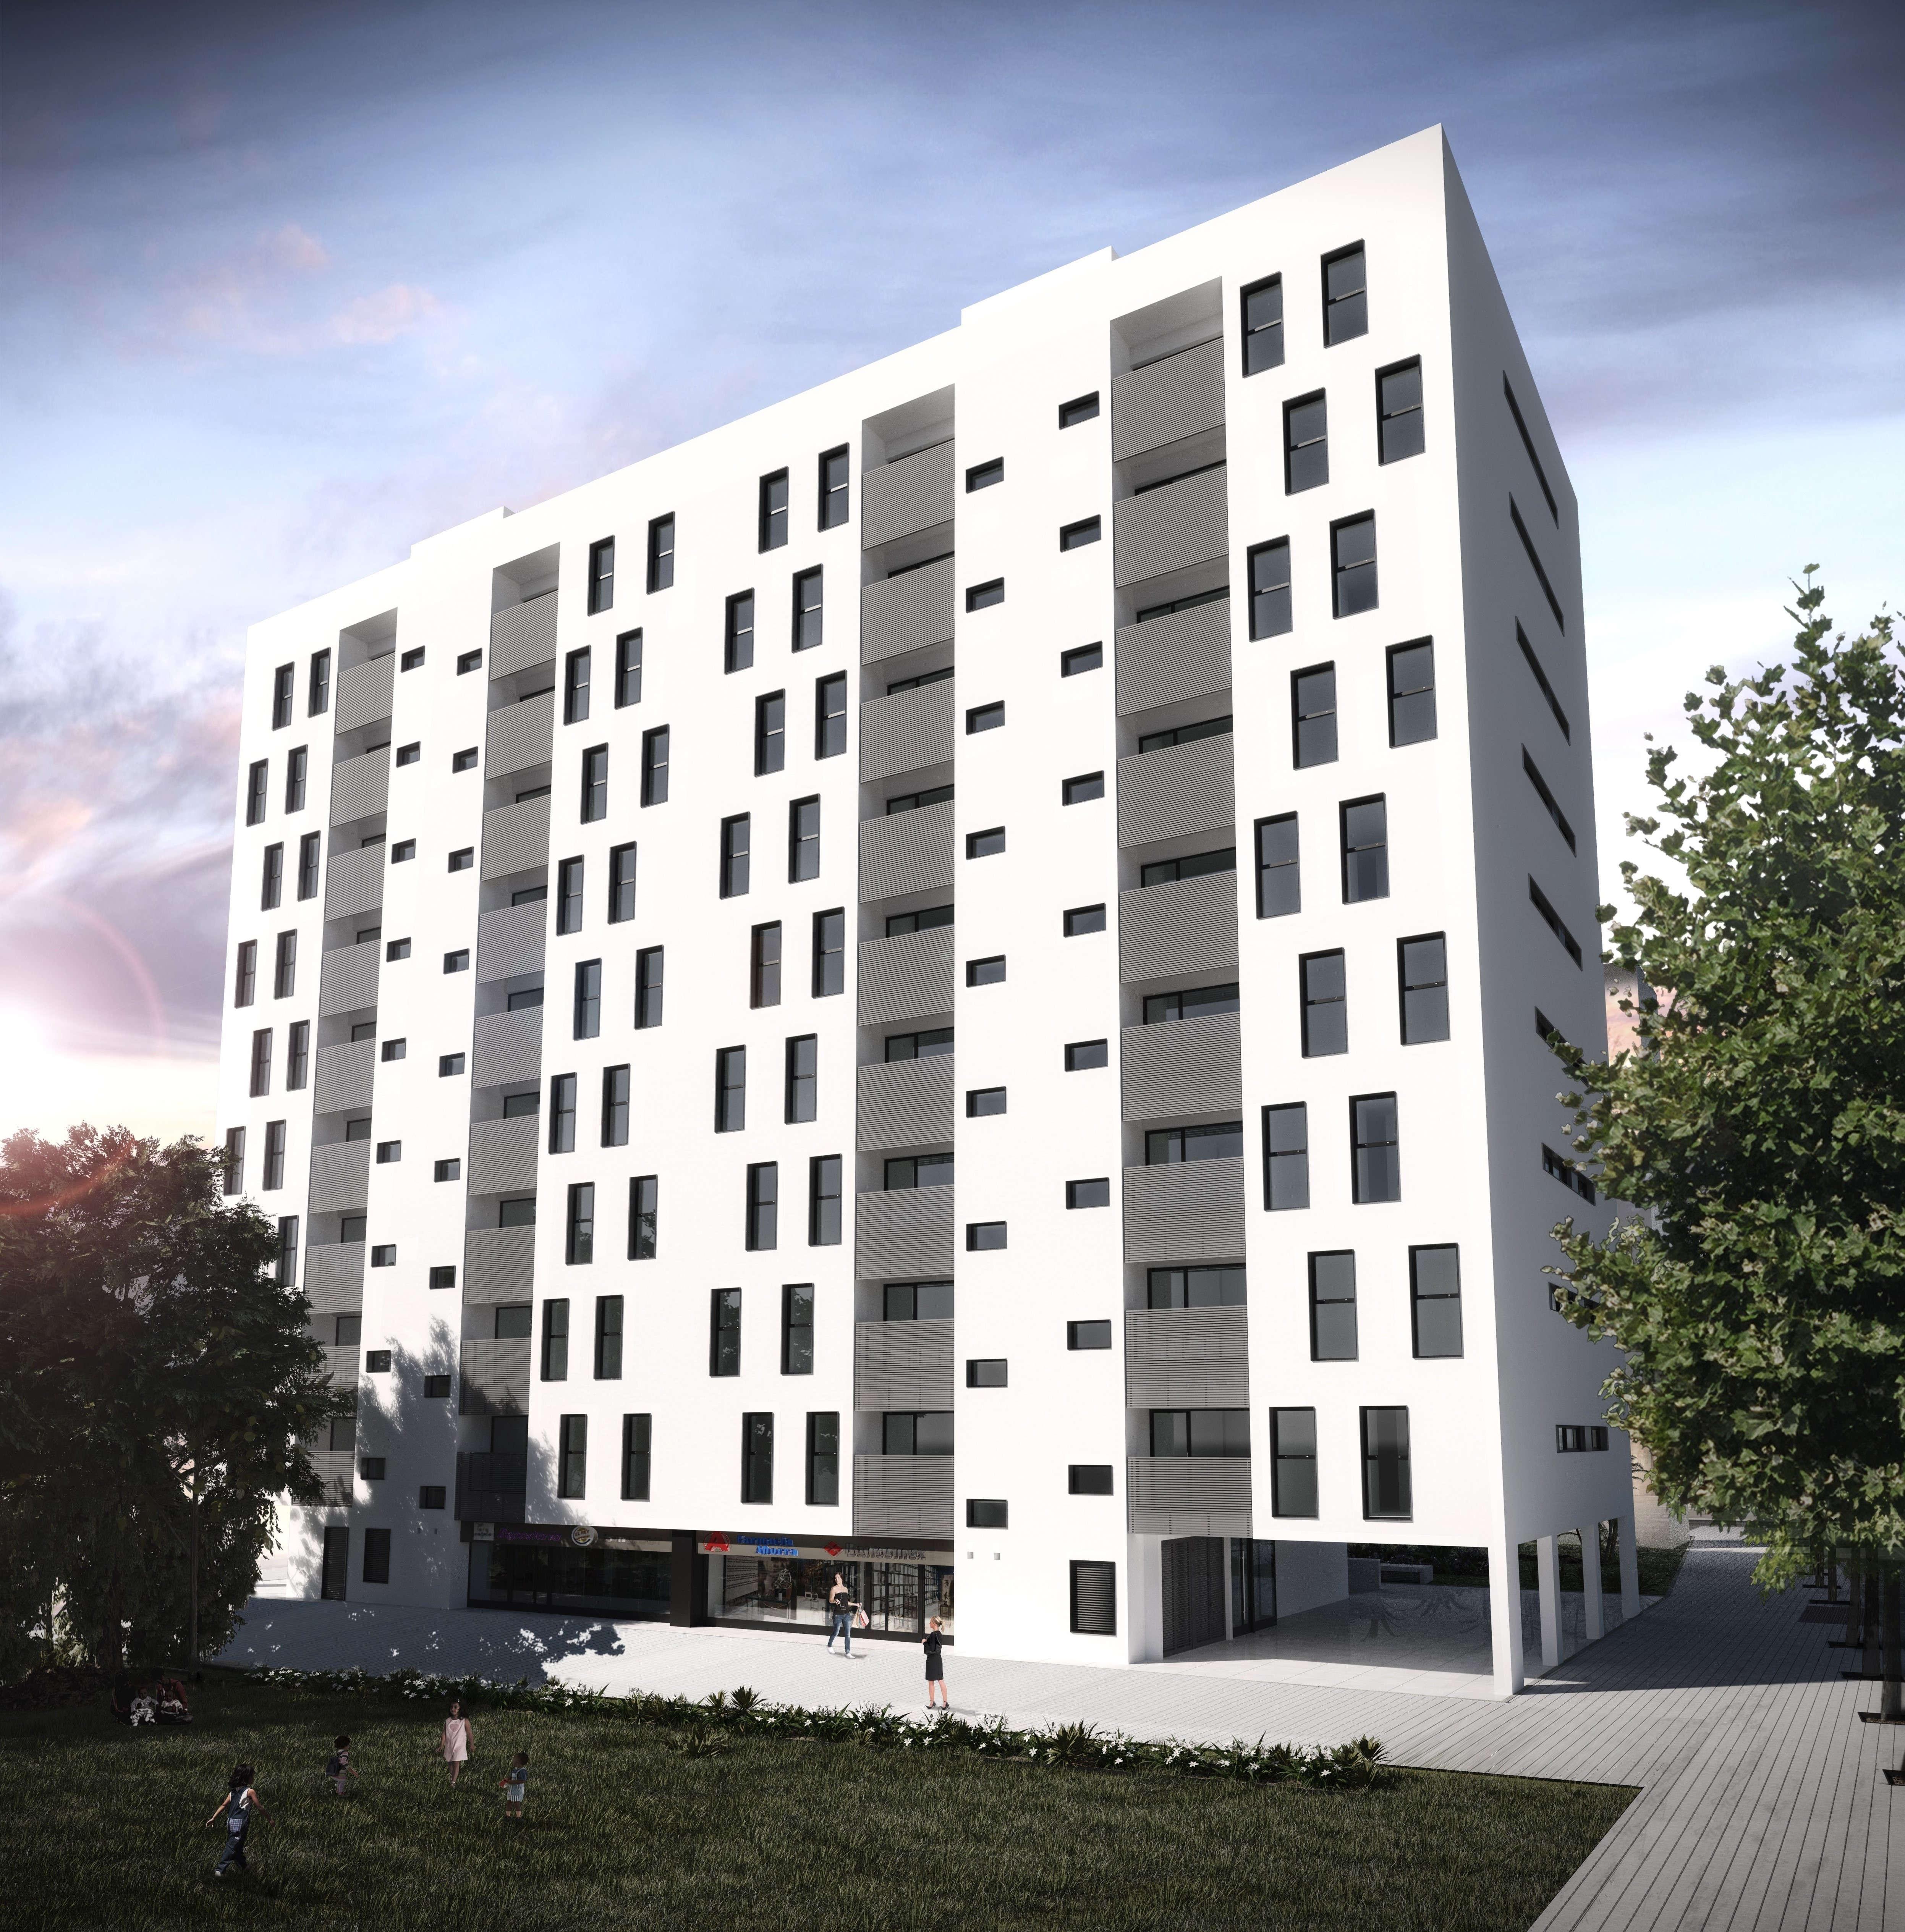 Edificio para 72 viviendas en Elche